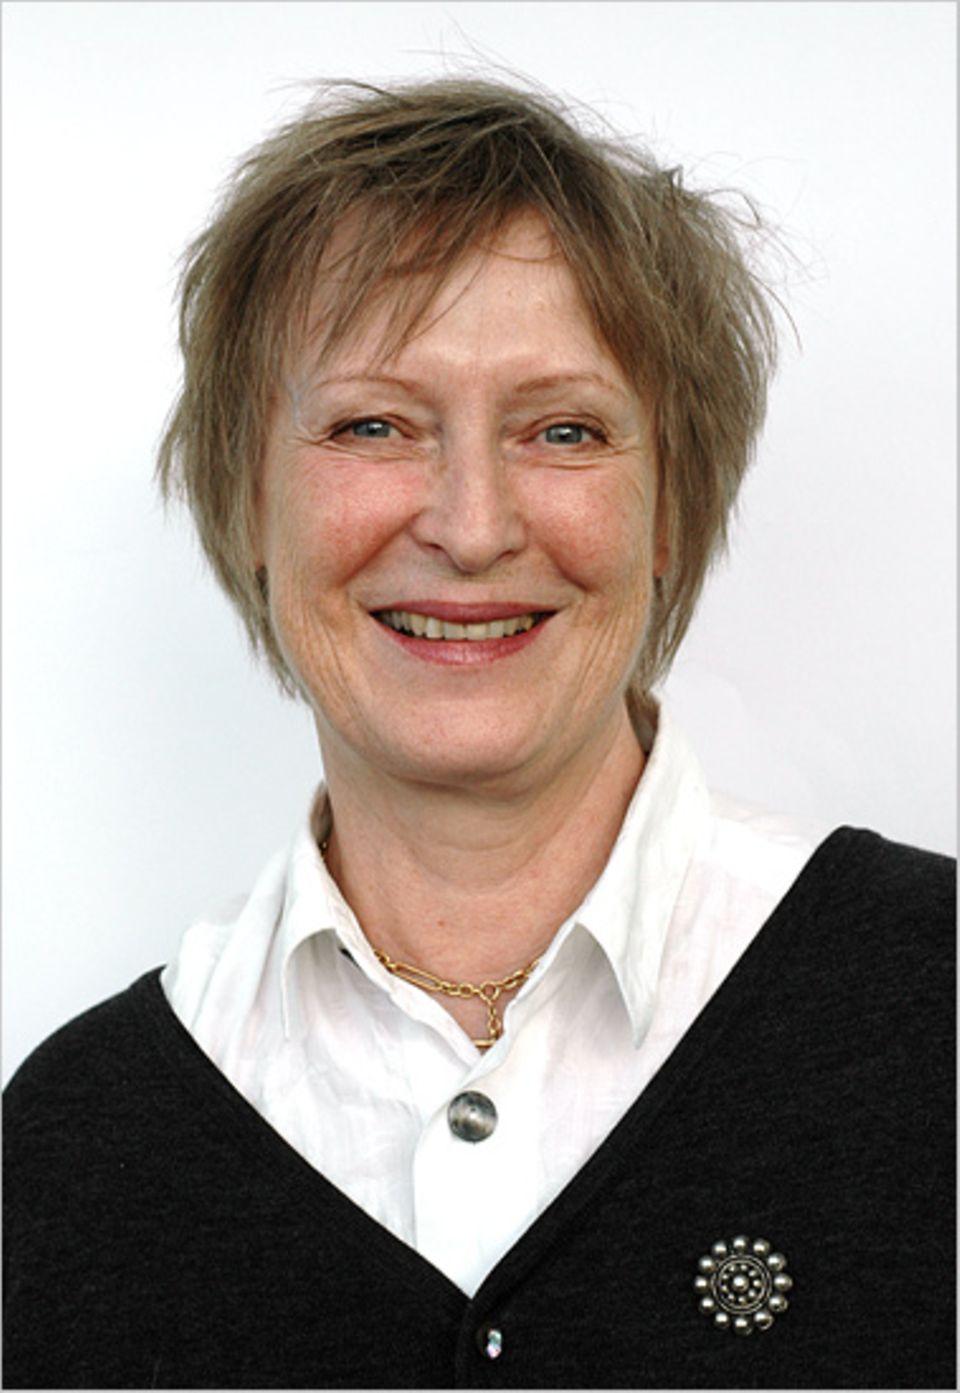 Uta Henschel schreibt seit 1978 über naturwissenschaftliche Themen